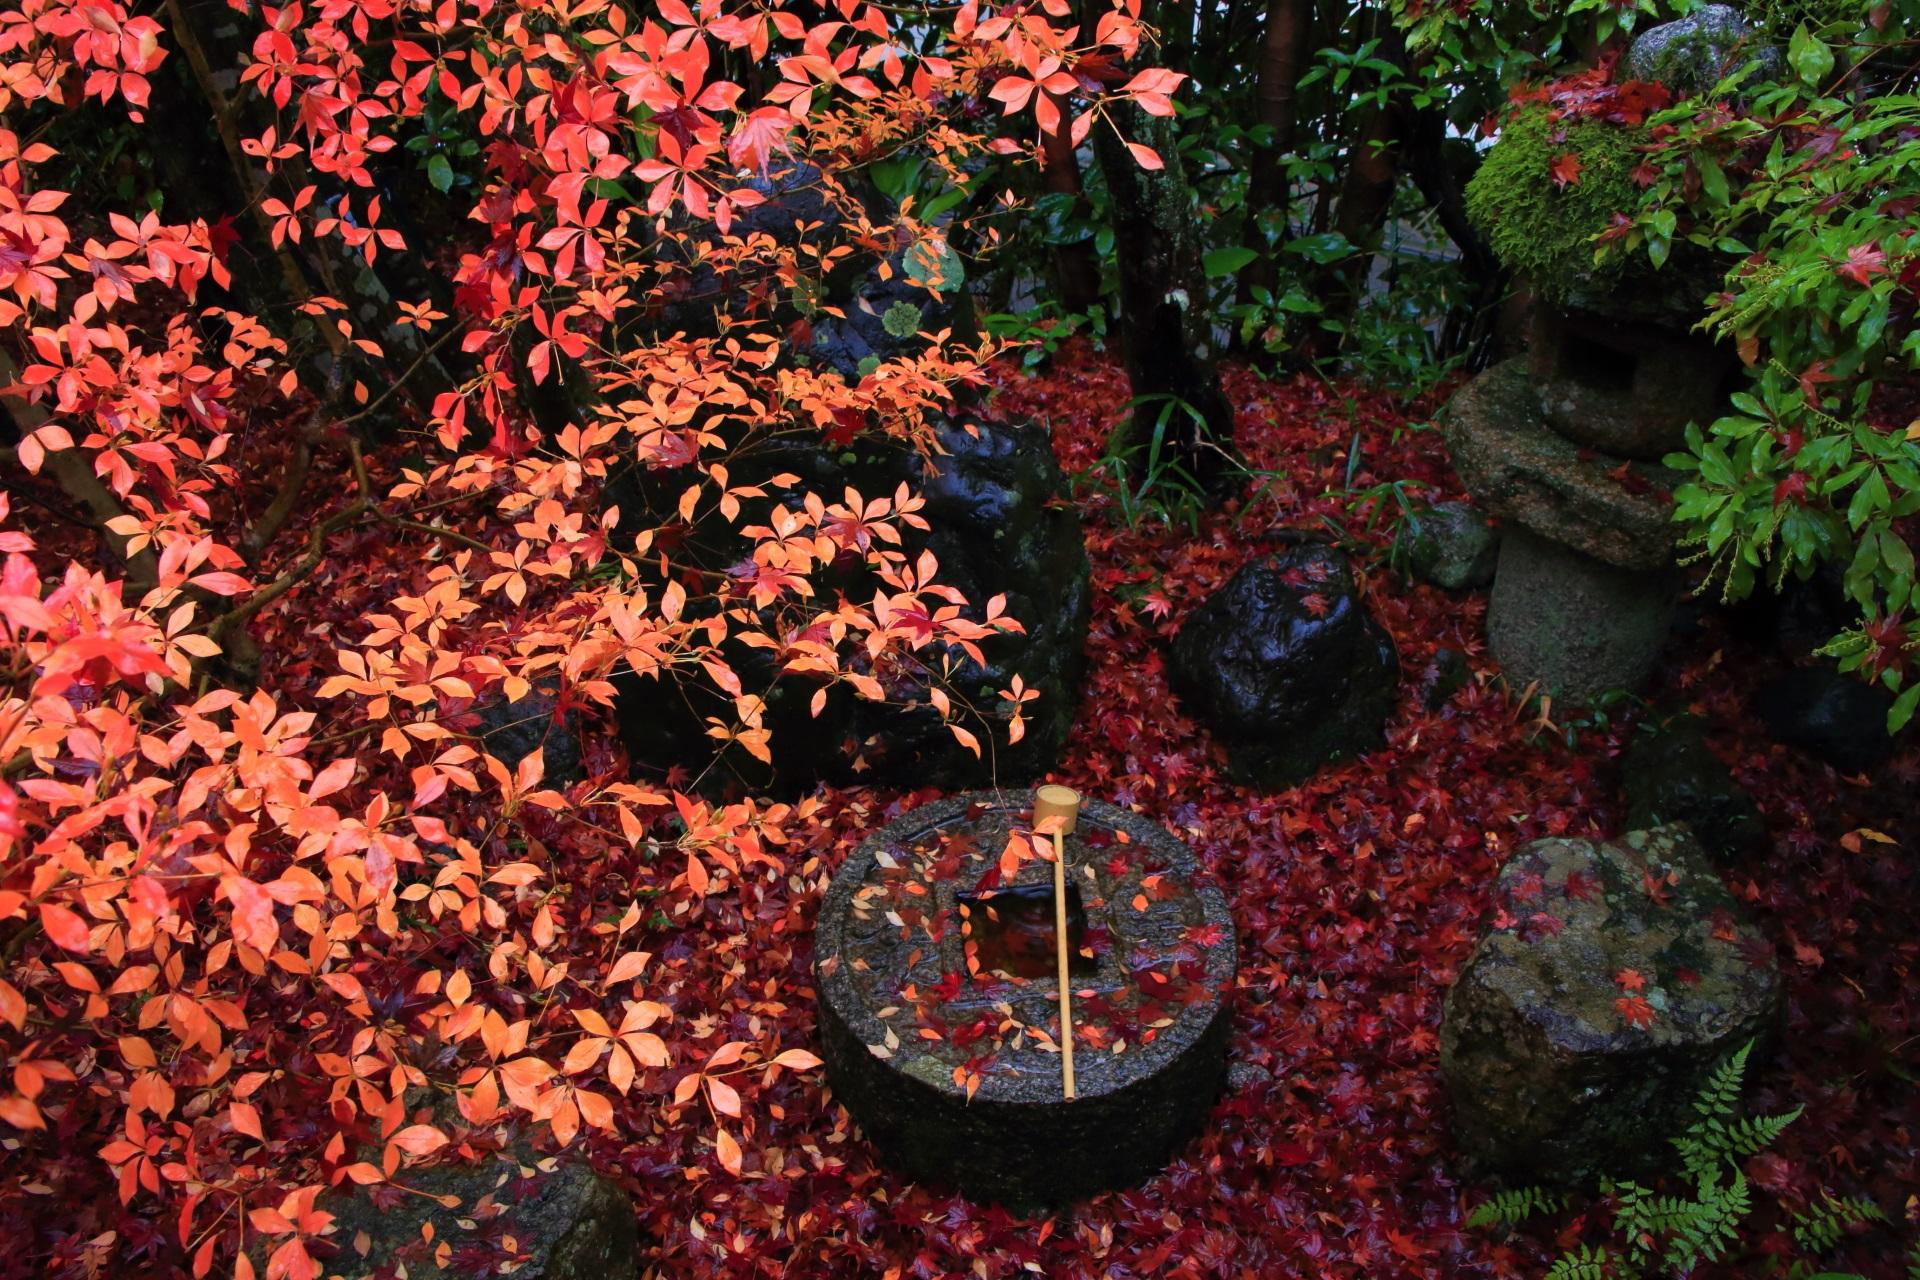 金福寺 散り紅葉 洛北の風情ある晩秋の彩り